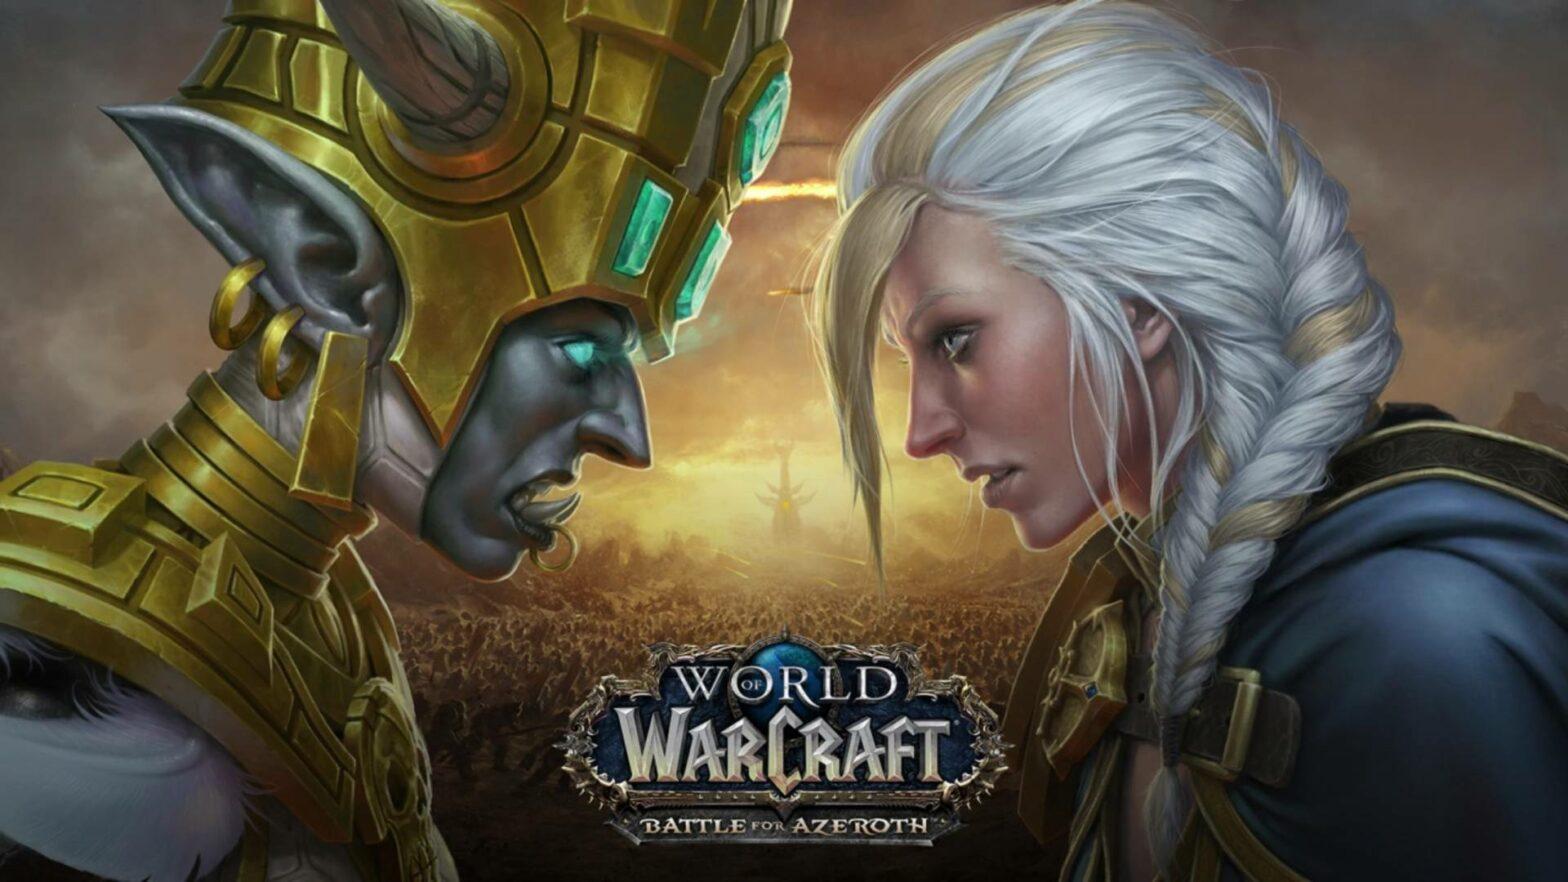 World of Warcraft – Schlachtzug Die Schlacht von Dazar'alor und Saison 2 jetzt verfügbar